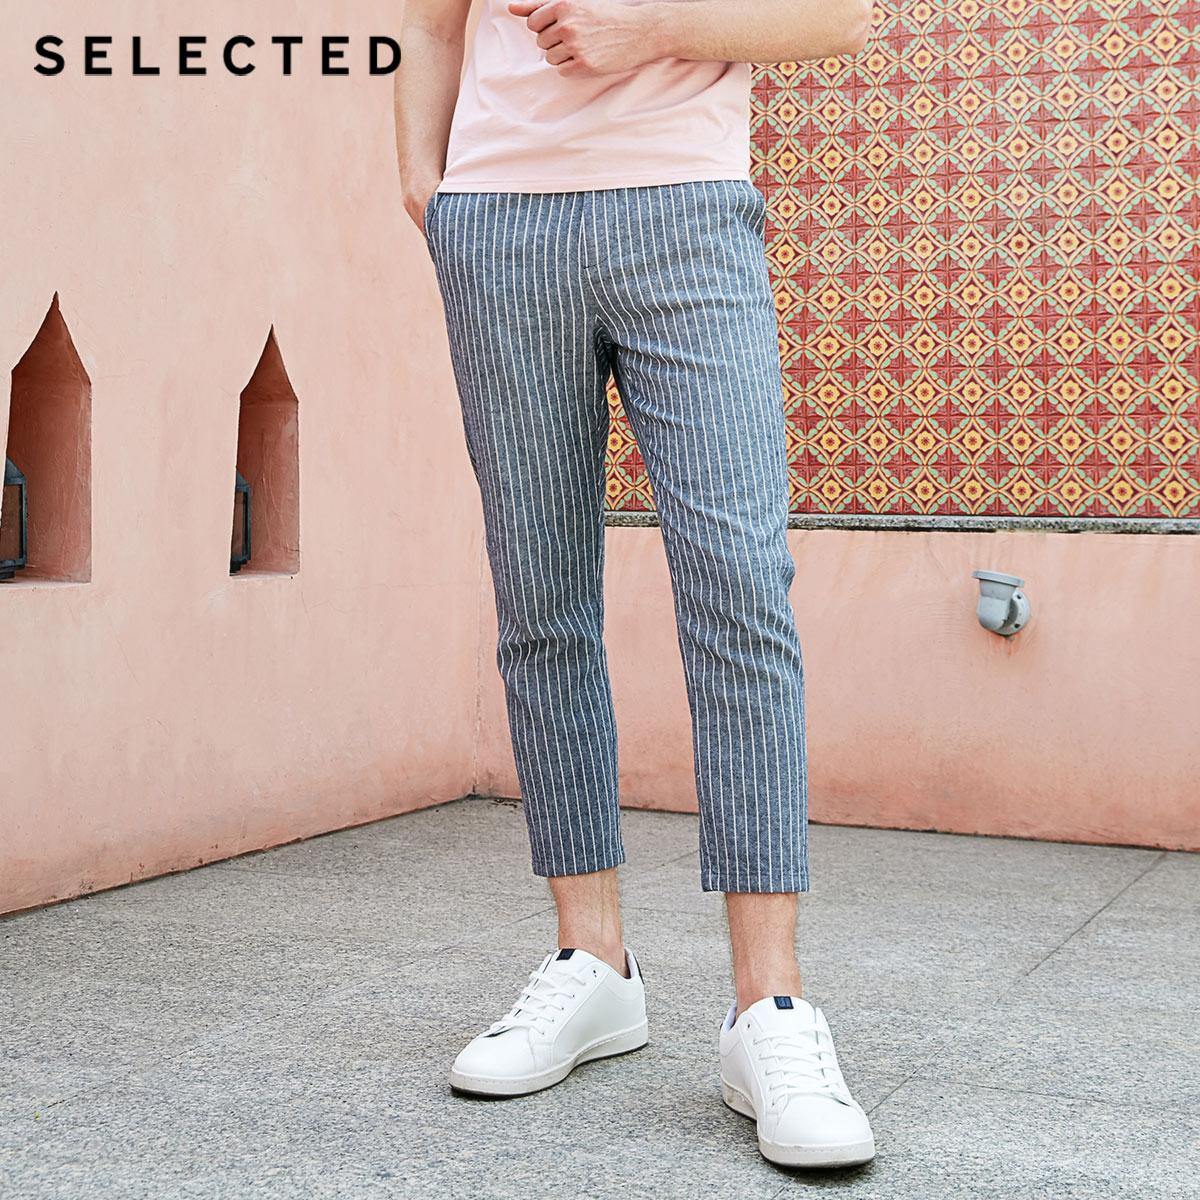 Pantalones cortos a rayas holgados de verano para hombre seleccionados S  419214544-in Pantalones pitillo from Ropa de hombre    1